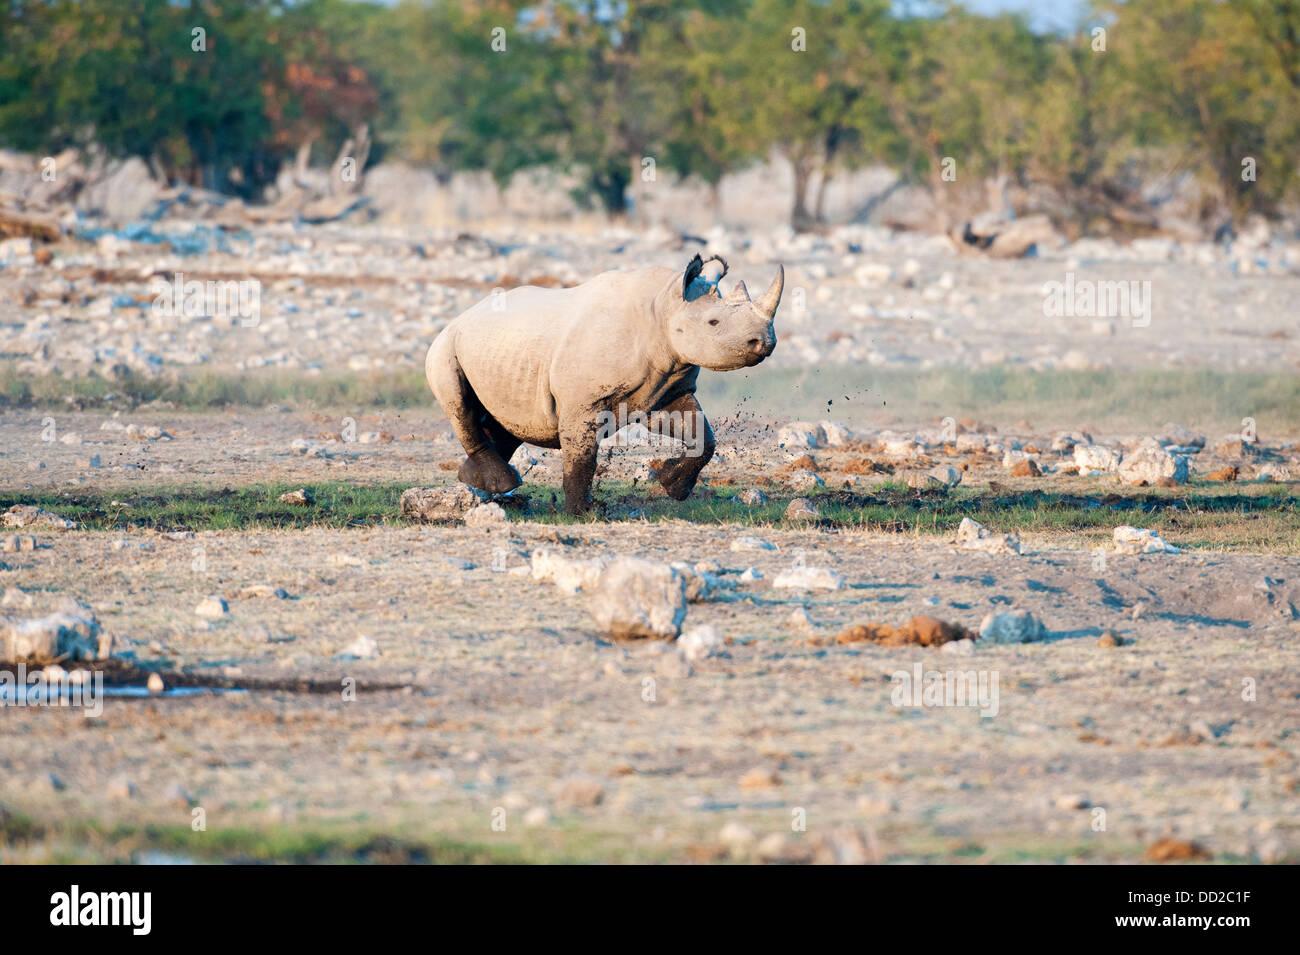 Black rhino (Diceros bicornis) running through mud at Rietfontein waterhole in Etosha Nationalpark, Namibia - Stock Image